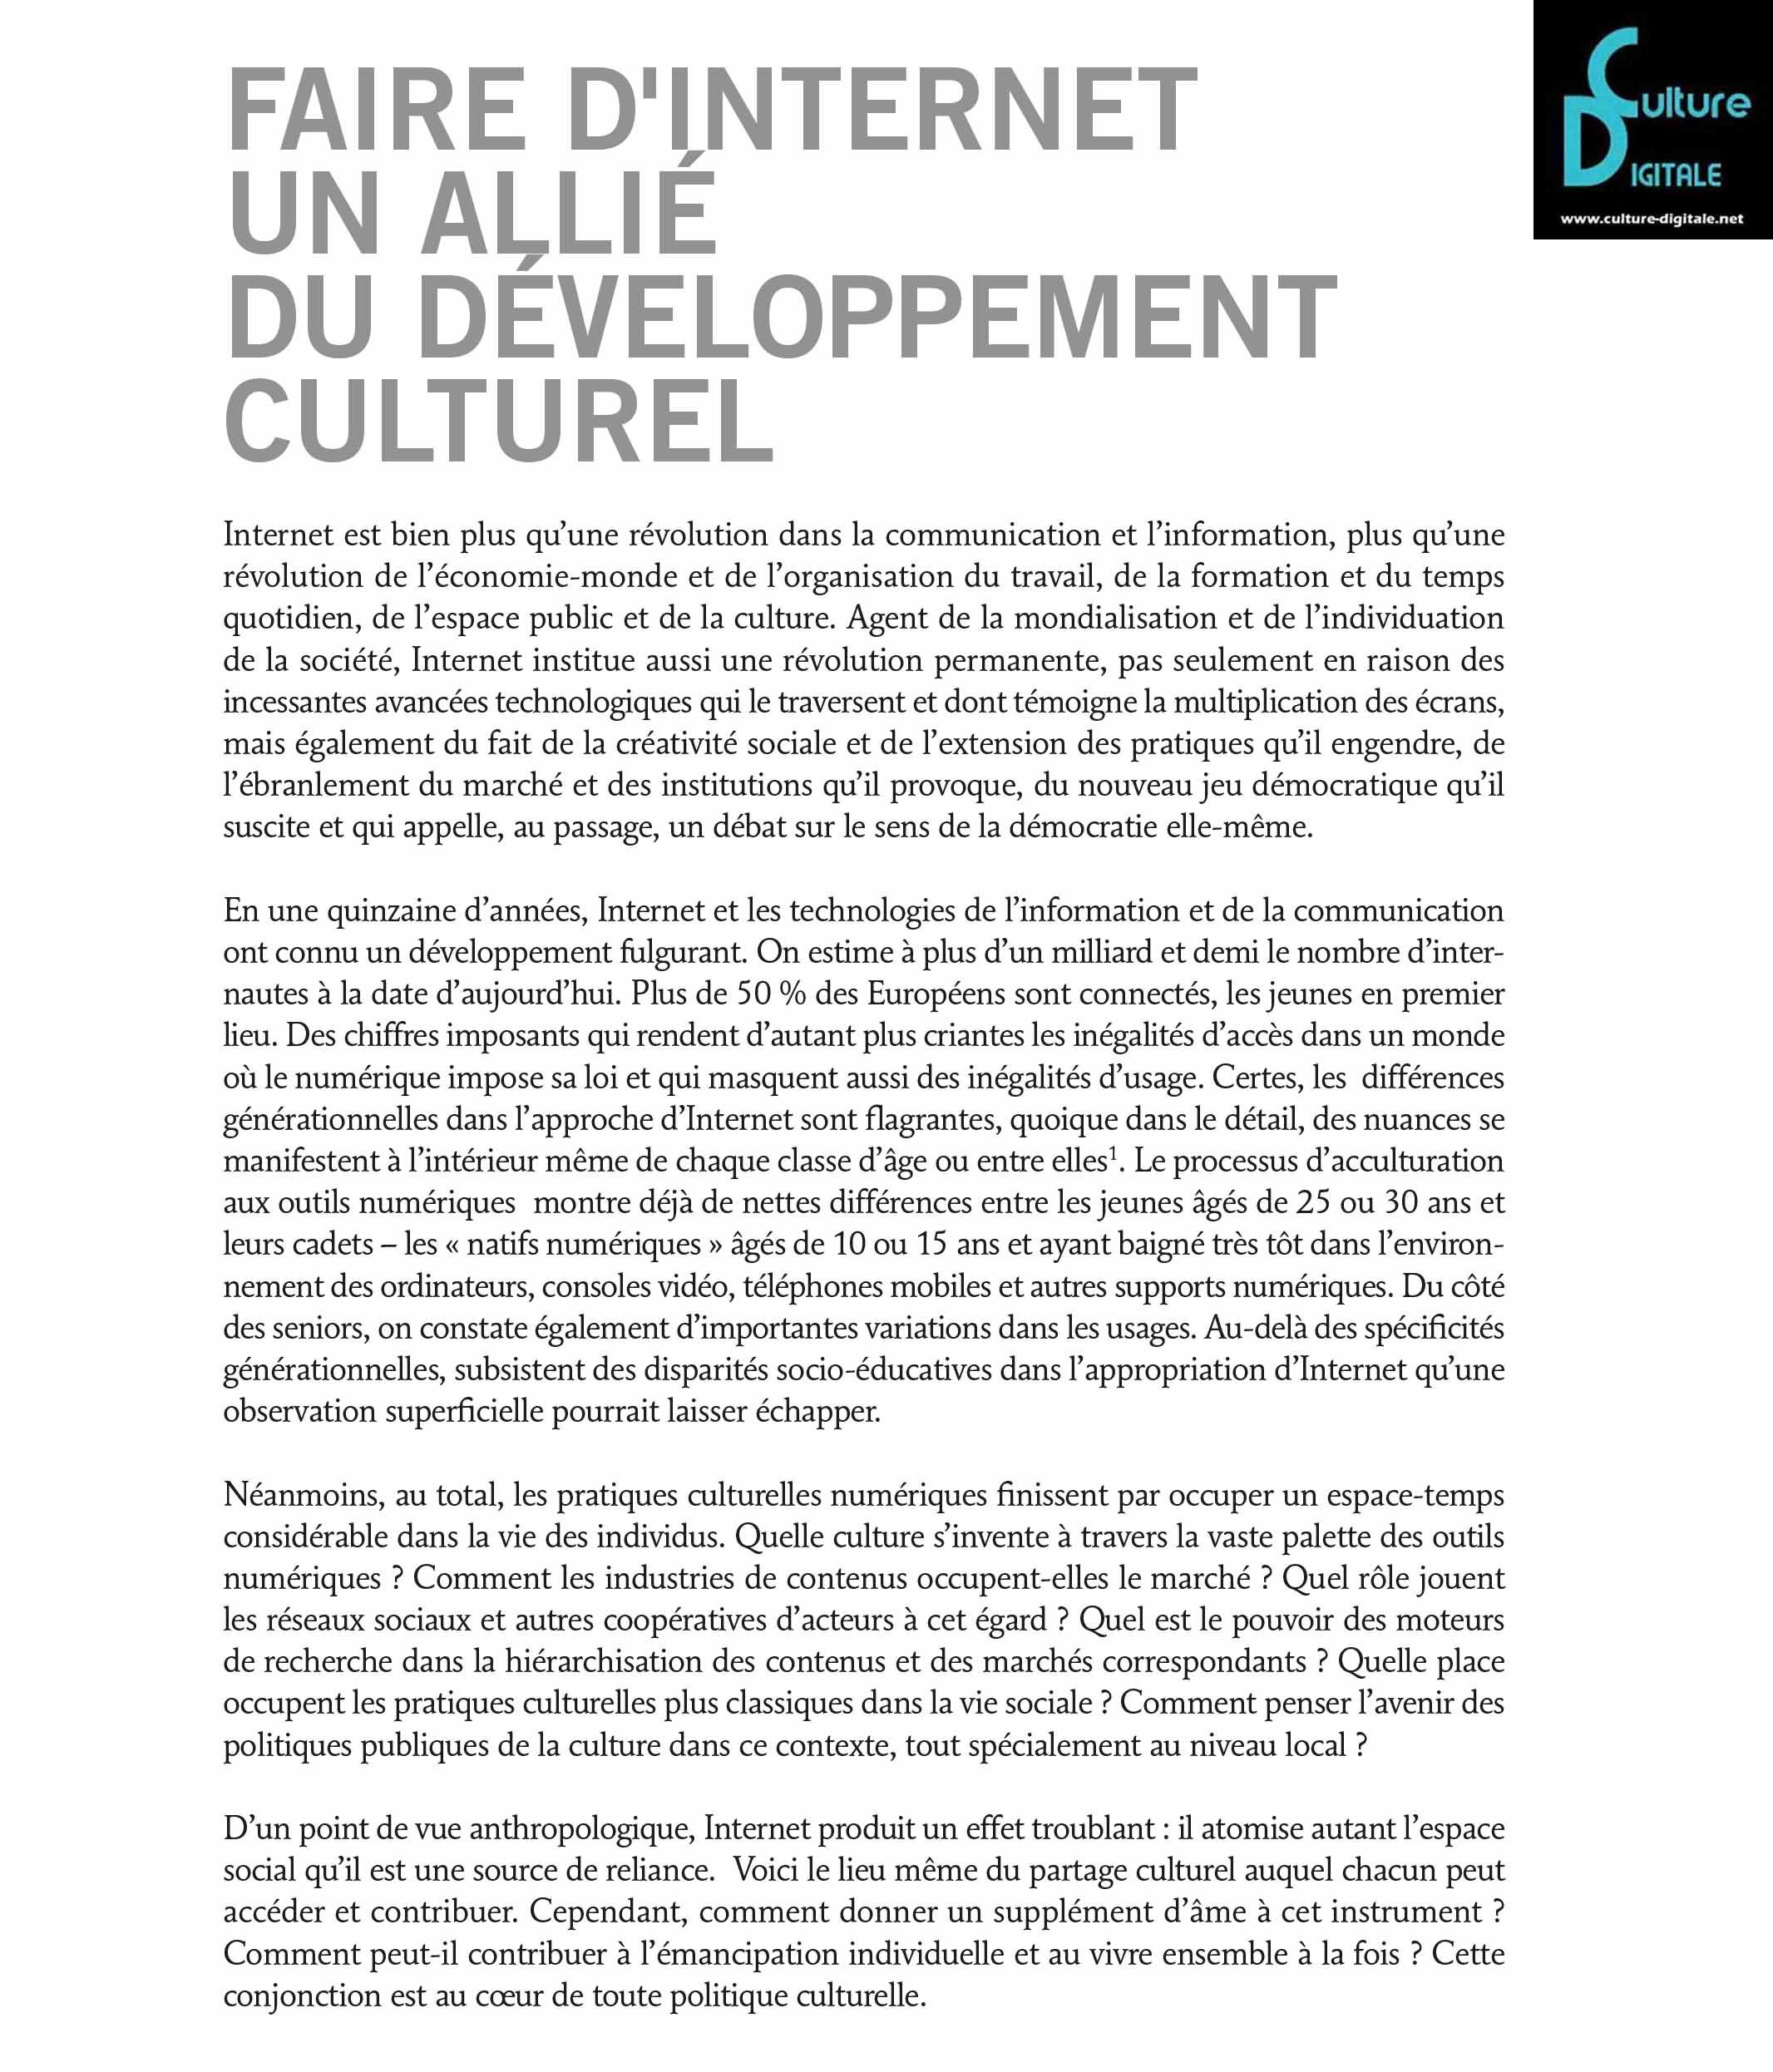 Faire d'internet un allié du développement culturel Faire d'internet un allié du développement culturel faire dinternet un alli du developpement culturel www